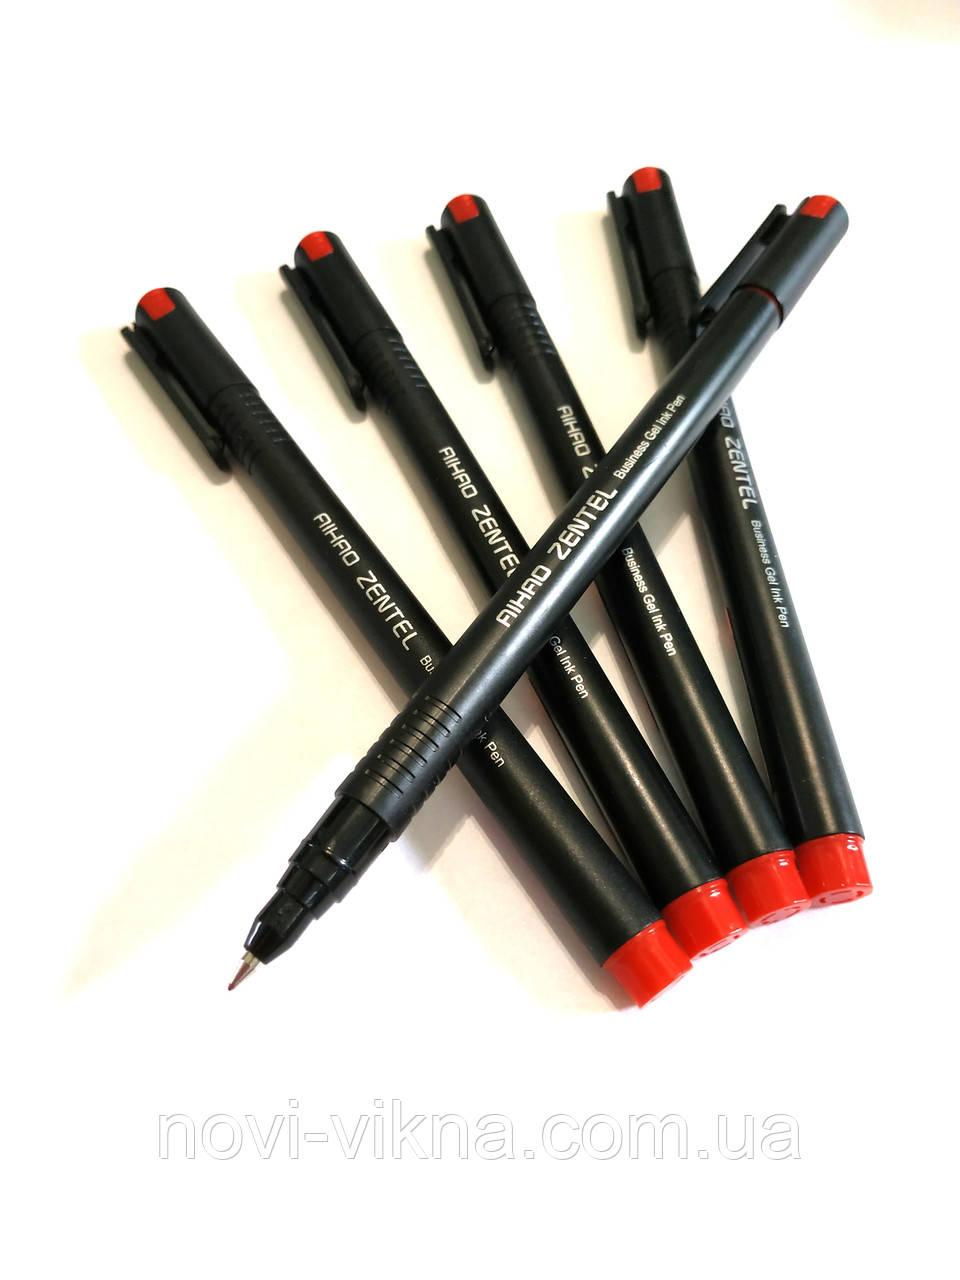 Ручка гелевая AIHAO ZENTEL, красная.